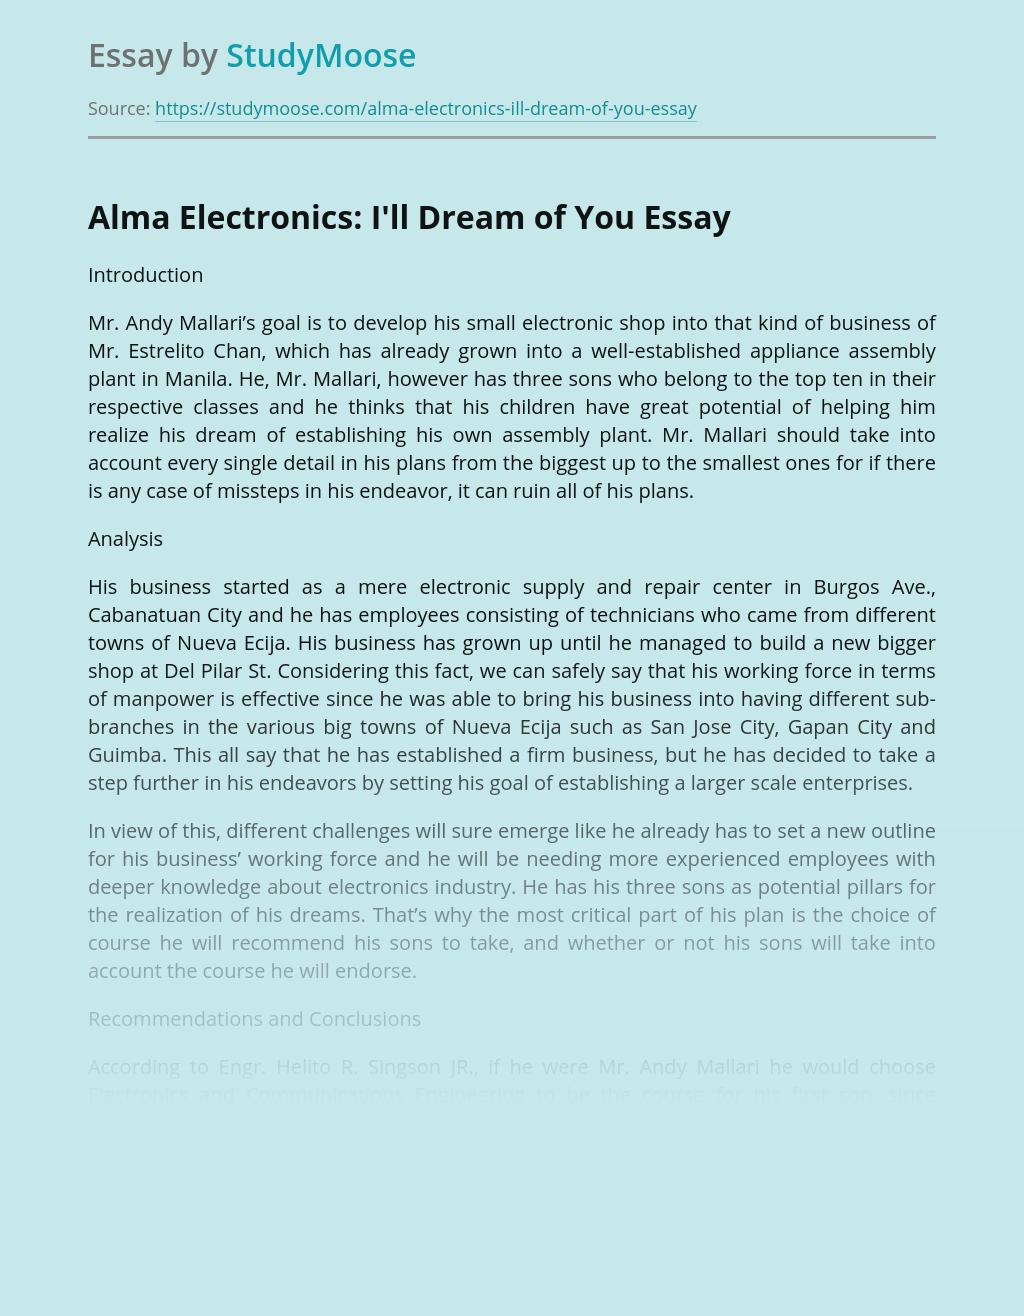 Alma Electronics: I'll Dream of You